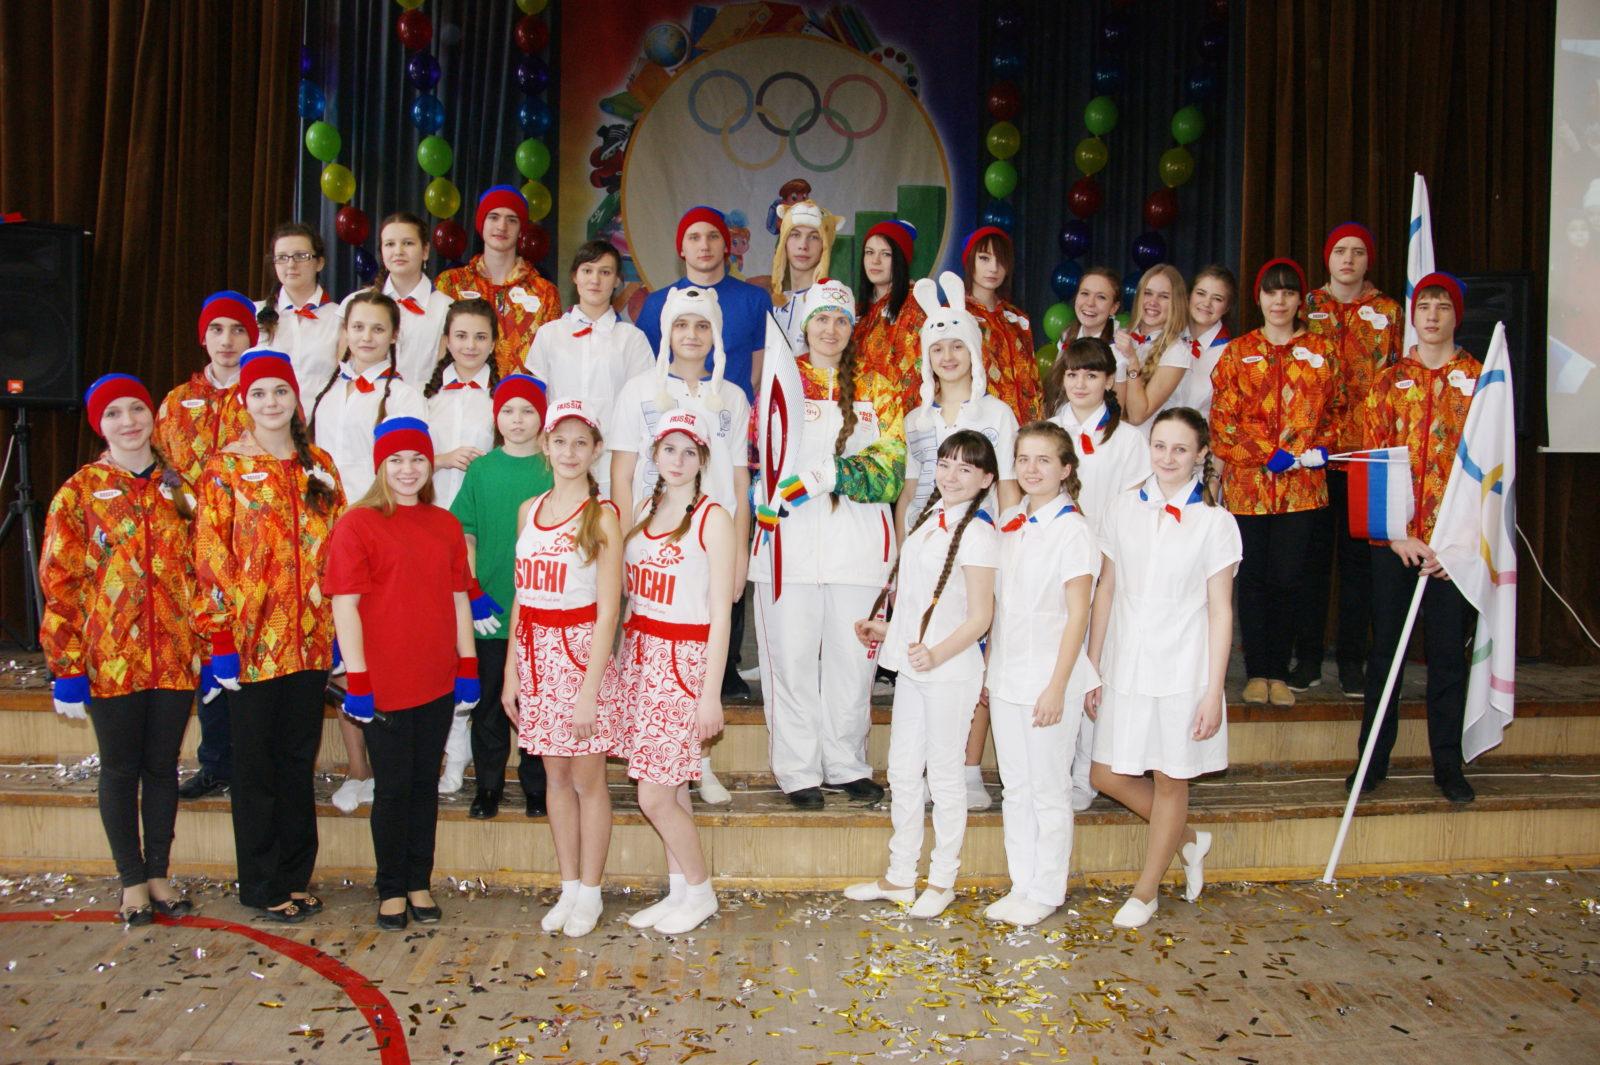 Открытие Олмпиады Сочи — 2014 в лицее